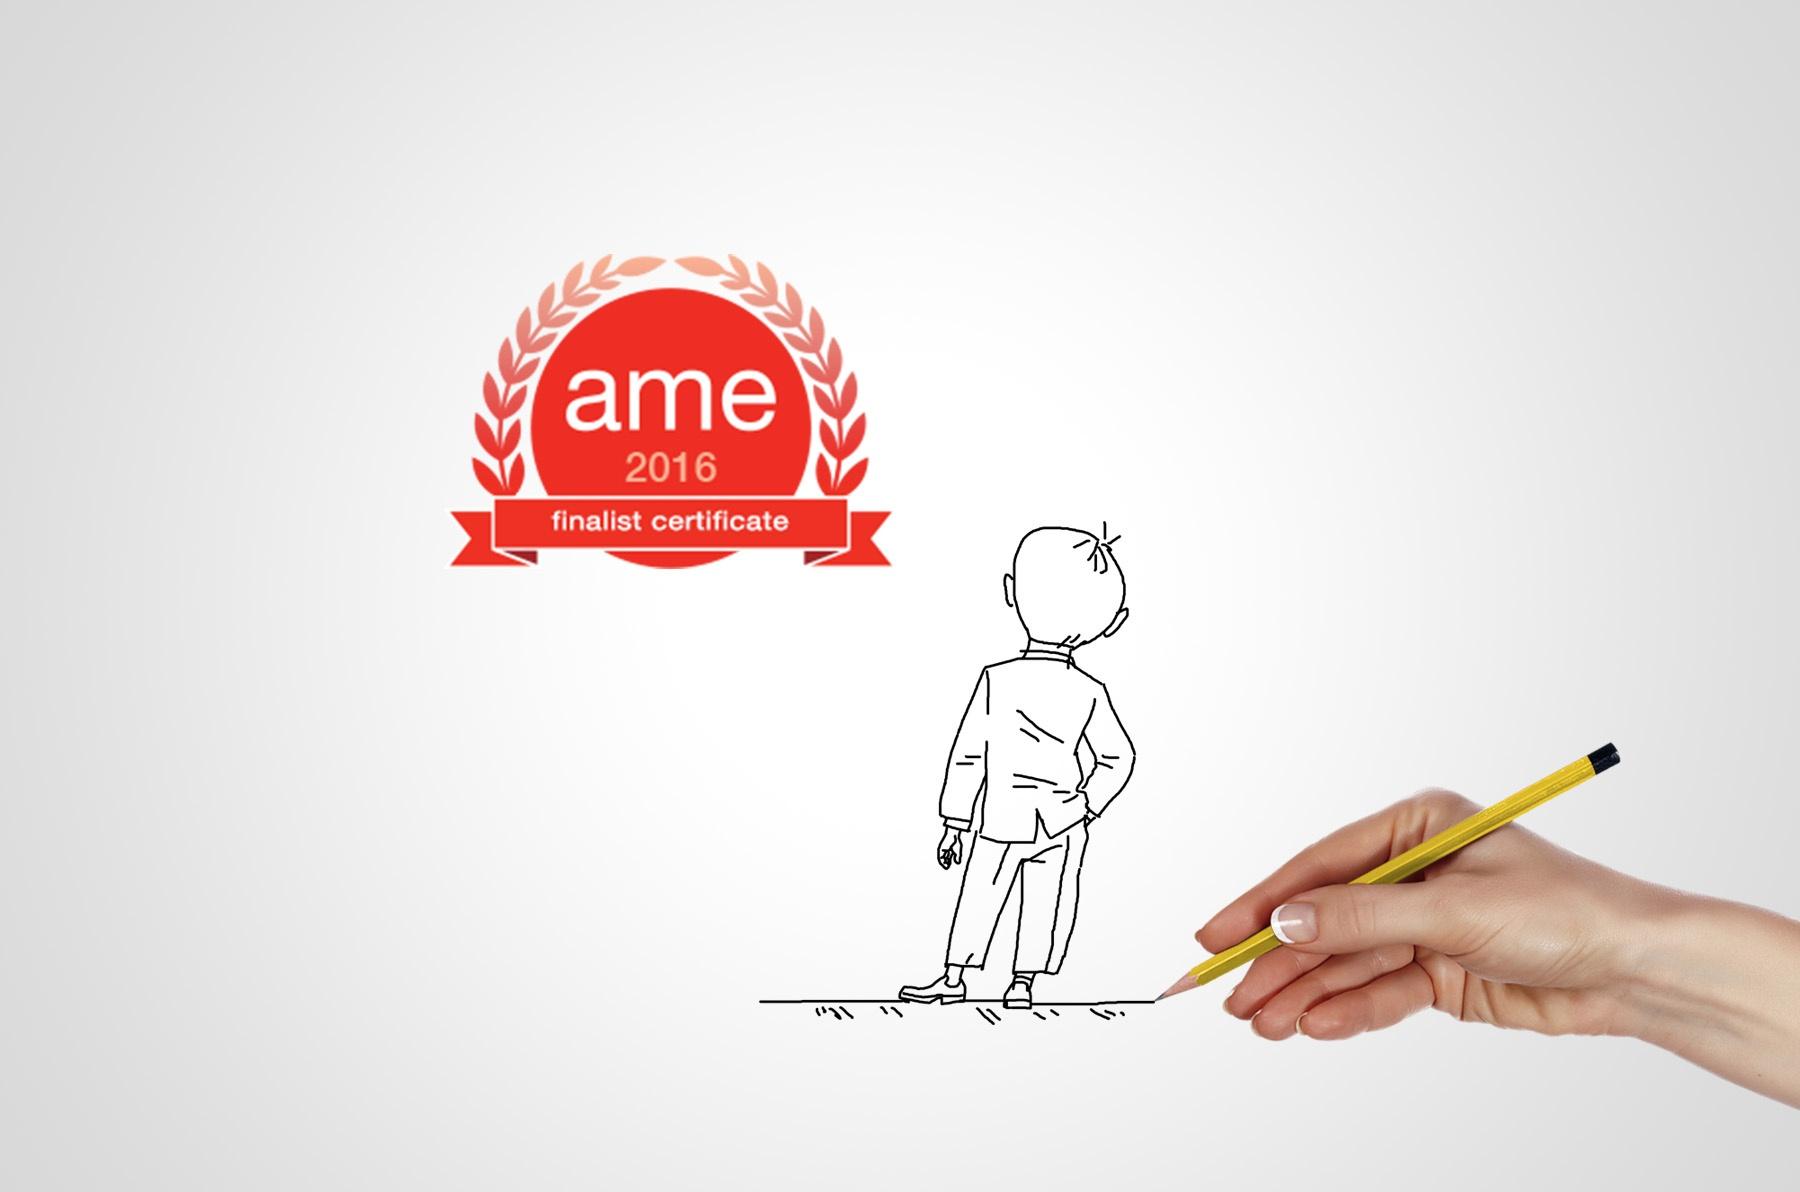 OFG Advertising Agenzia di Comunicazione a Milano agli AME Awards